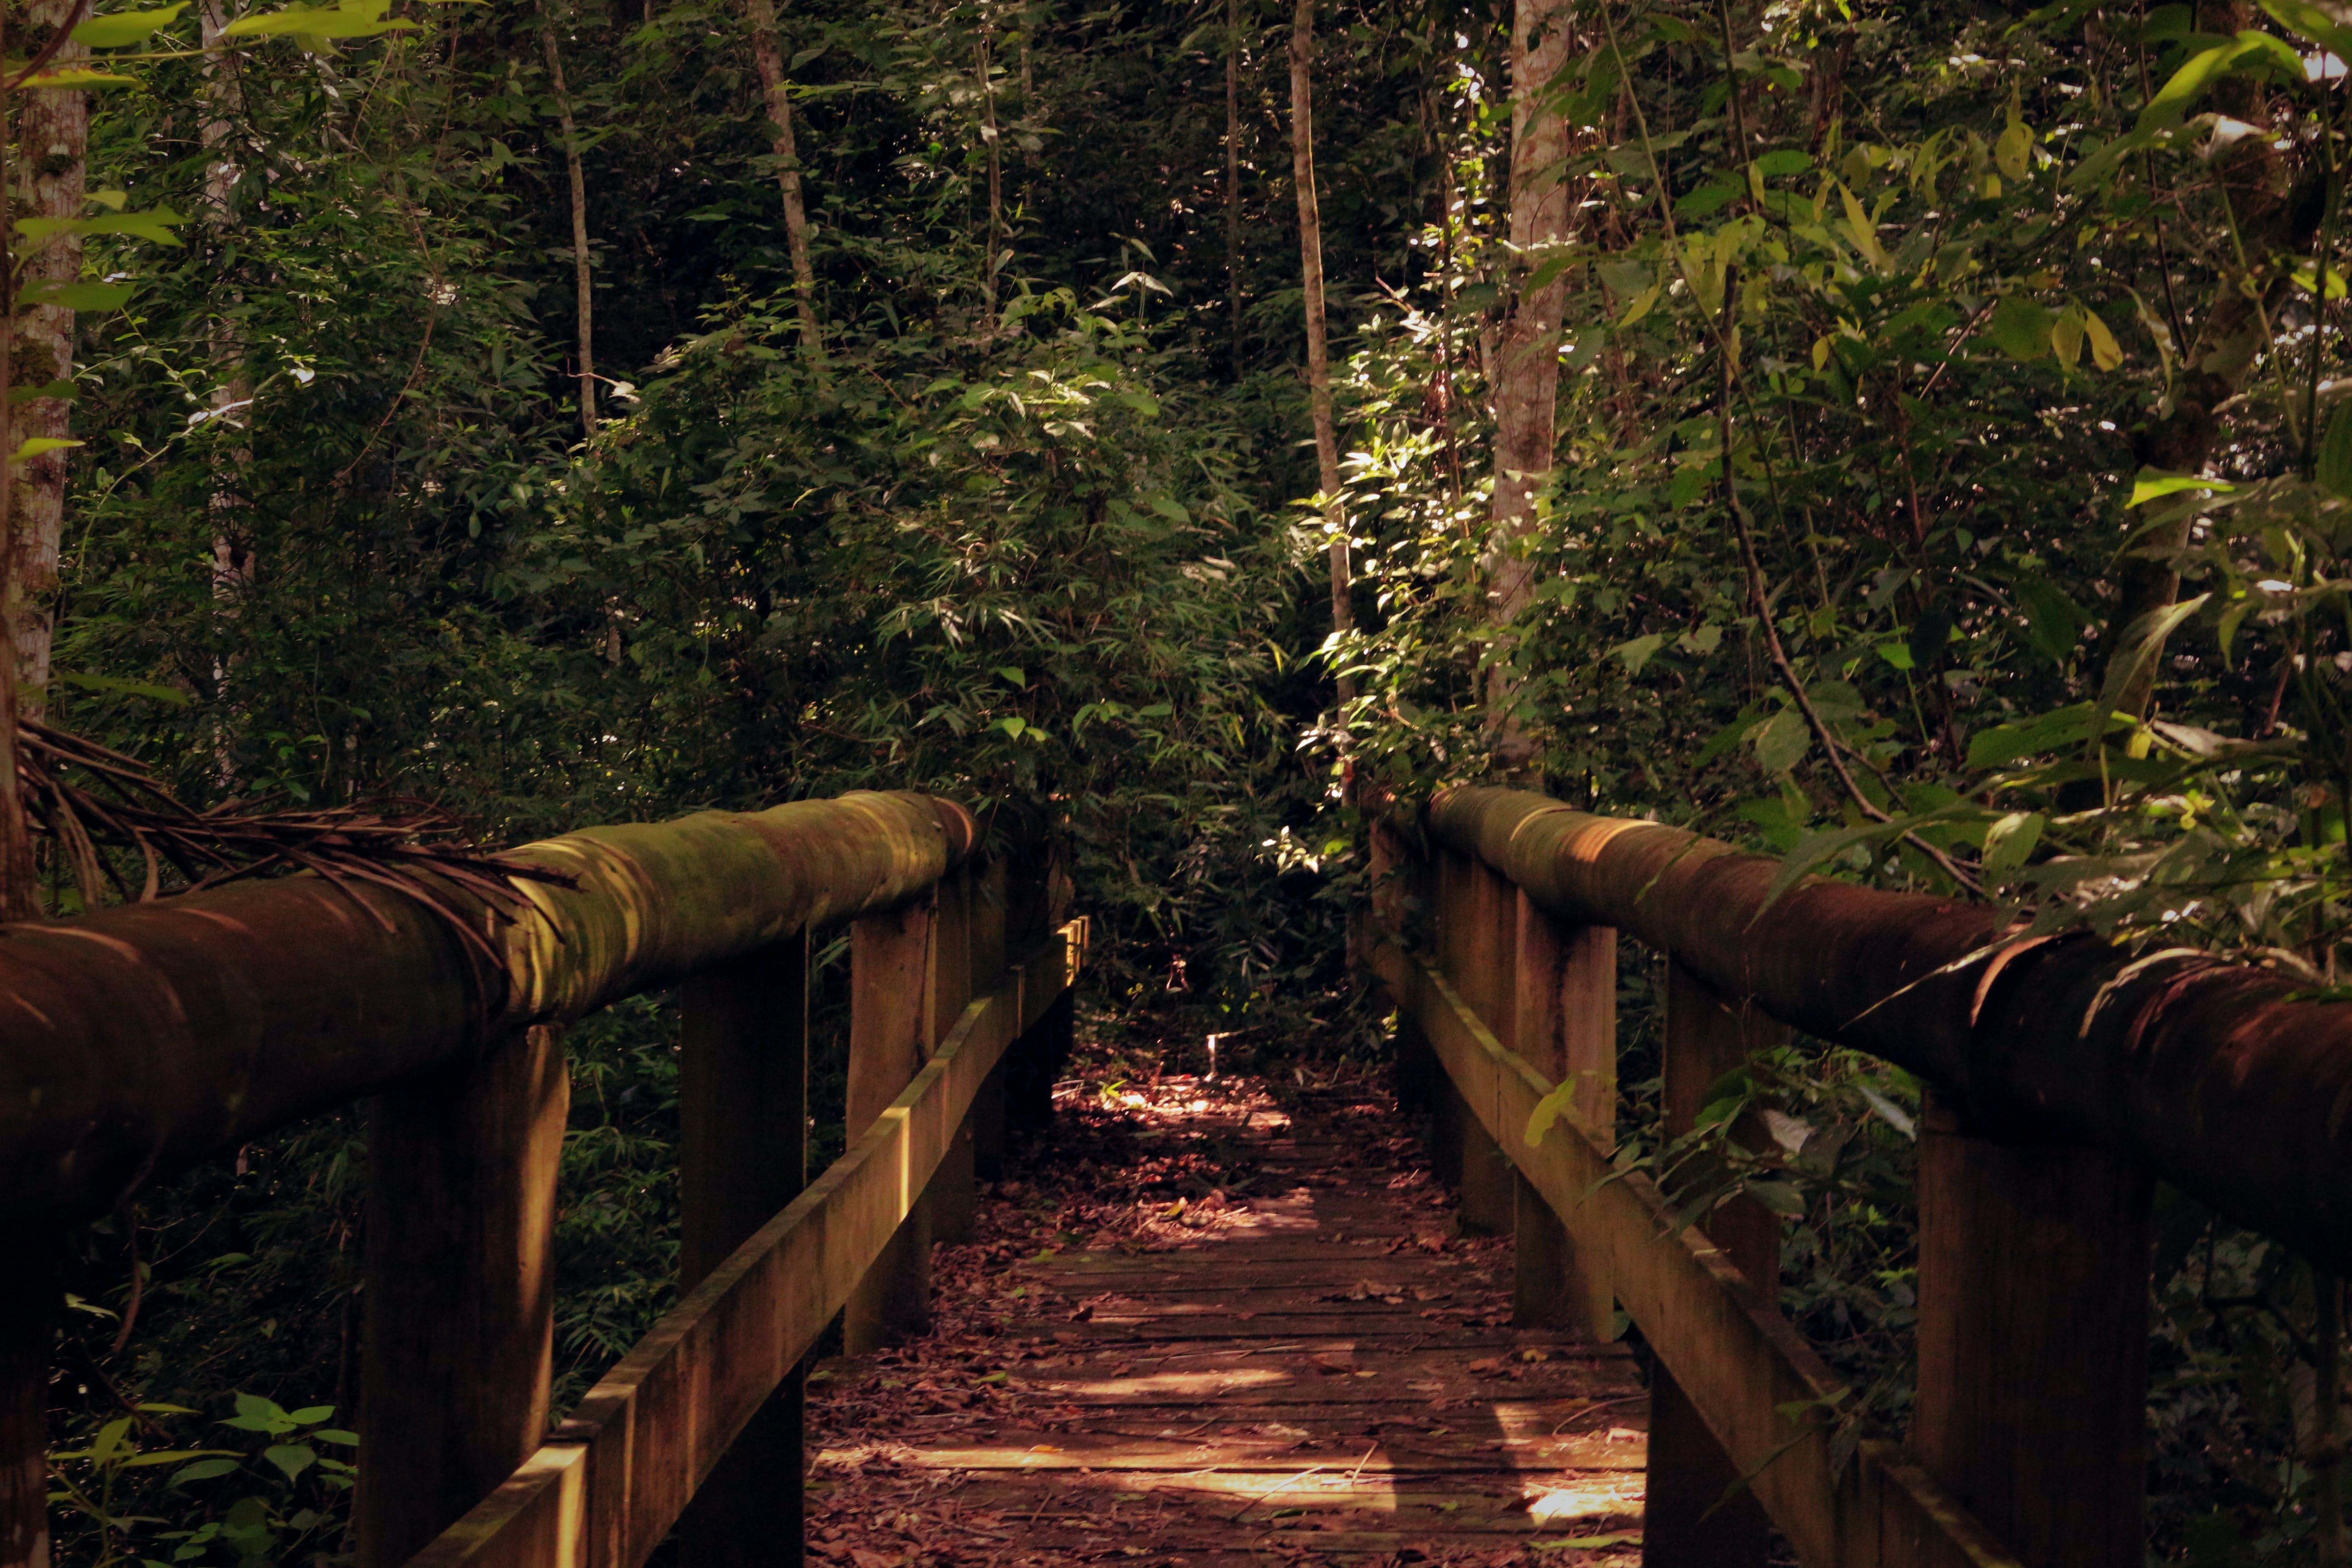 Fotos de stock gratuitas de arboles, aventura, bosque, camino